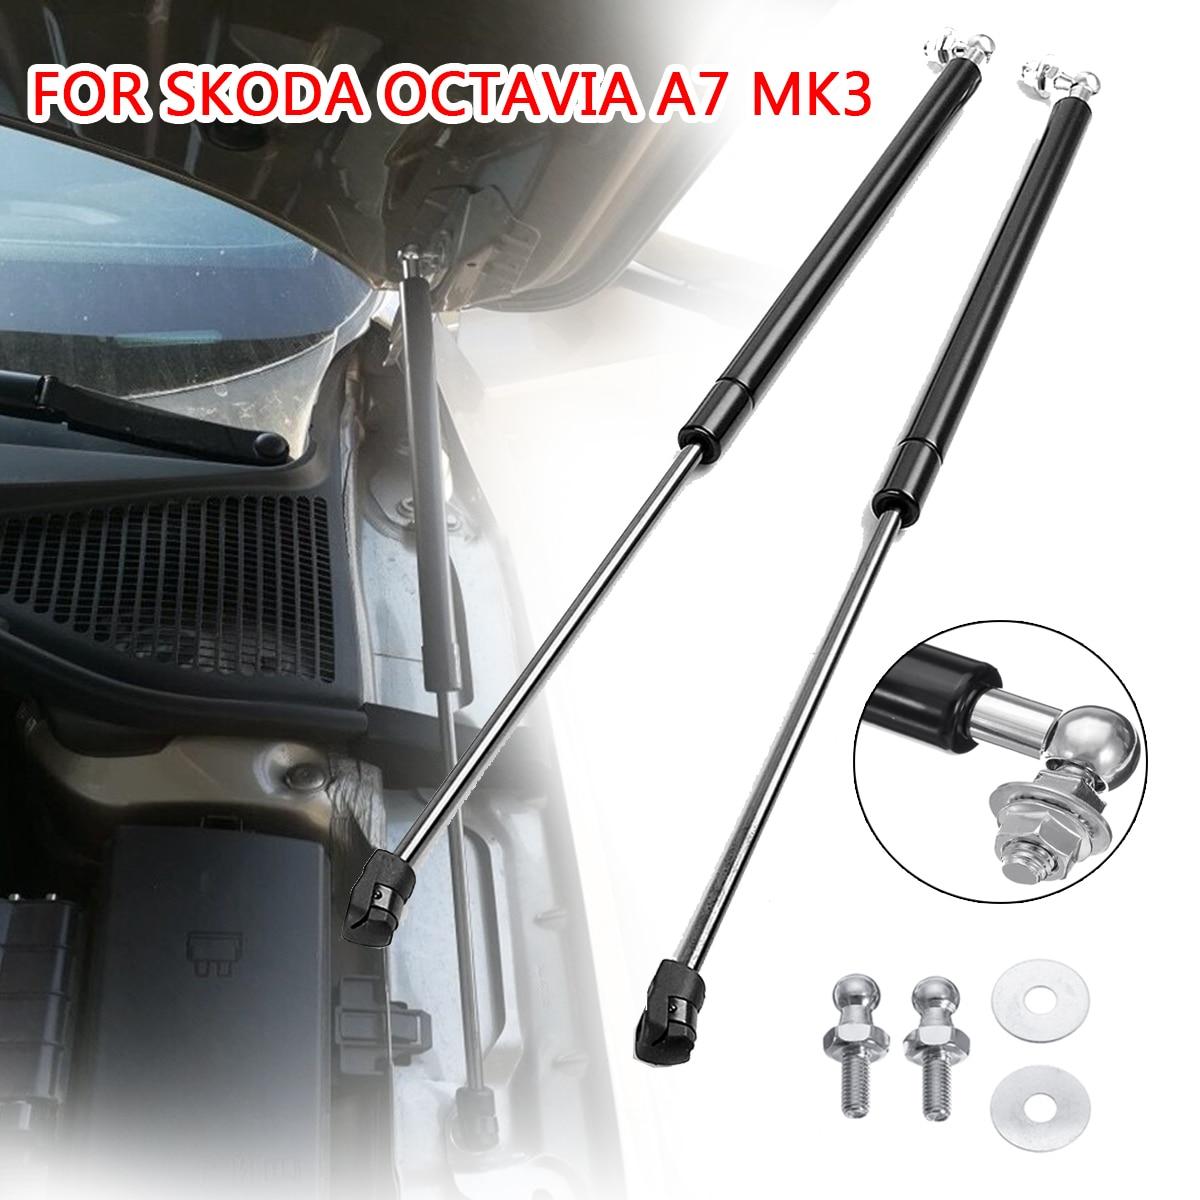 2 pièces voiture gaz amortisseur capot amortisseur amortisseur Support de levage pour Skoda Octavia A7 MK3 acier inoxydable tige hydraulique accessoires de voiture